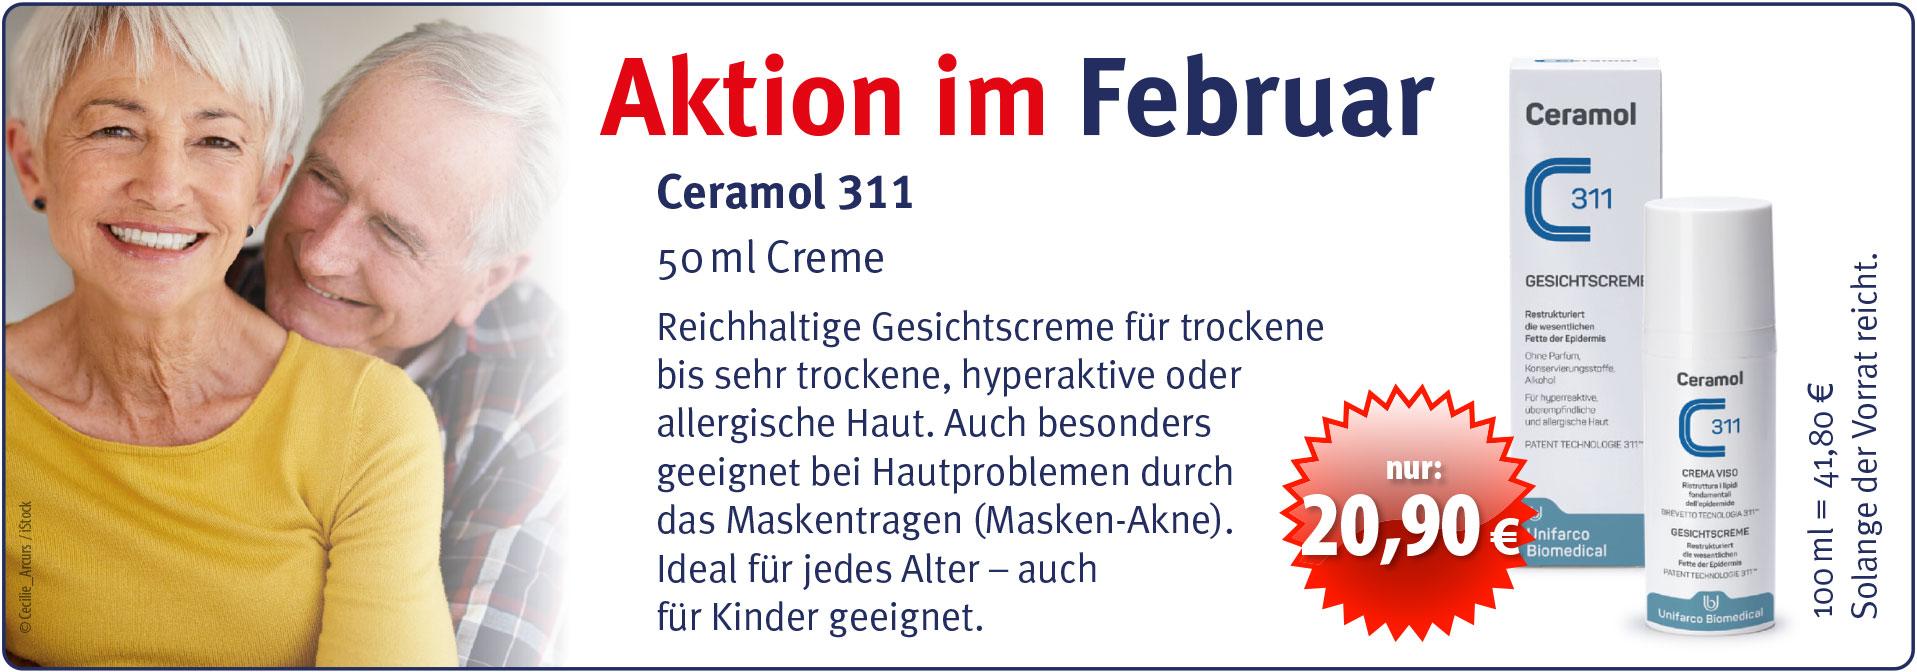 Aktion2